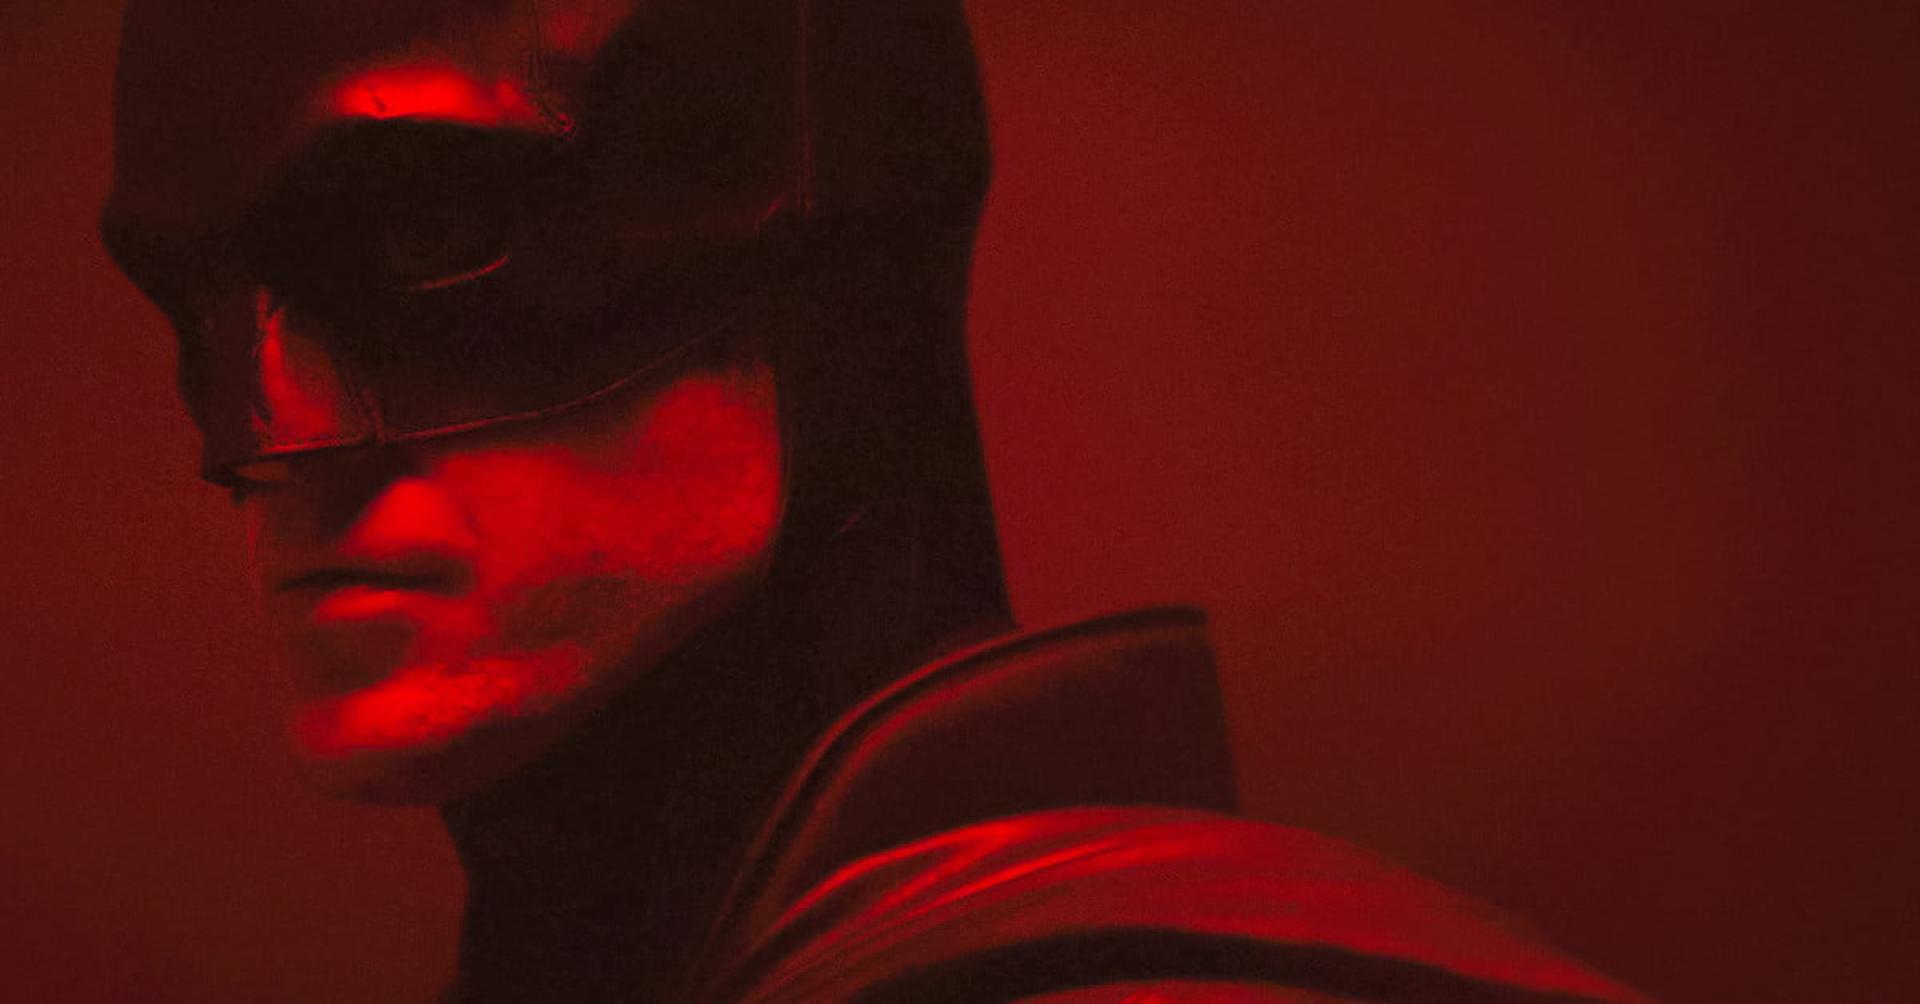 Itt az új Batman film első előzetese